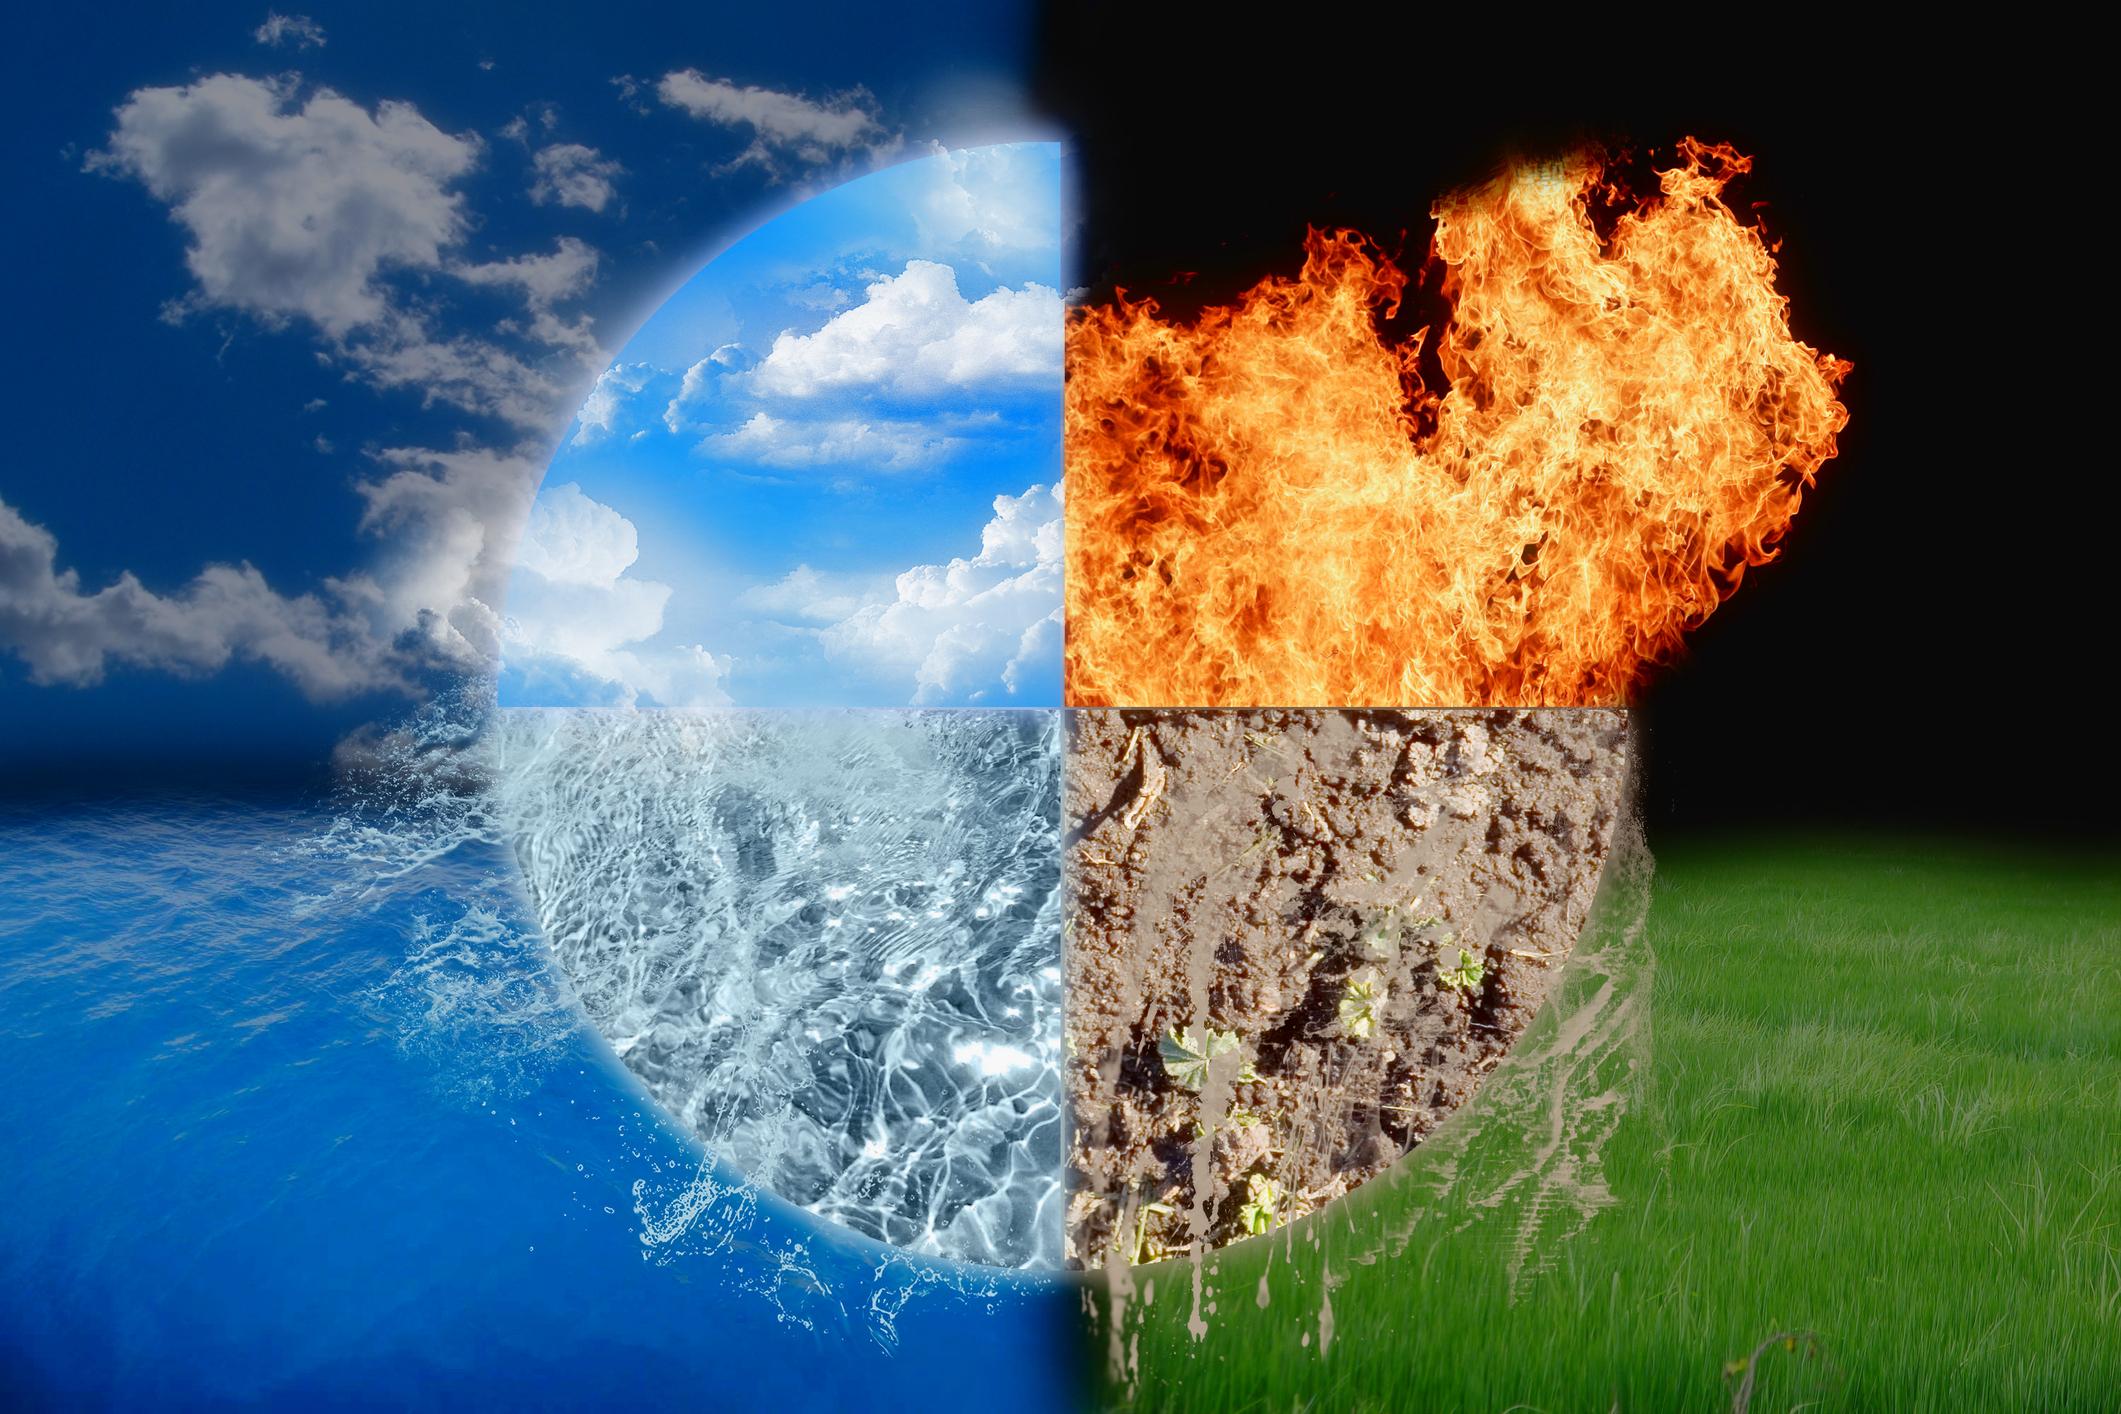 вода огонь земля картинки чем слаще